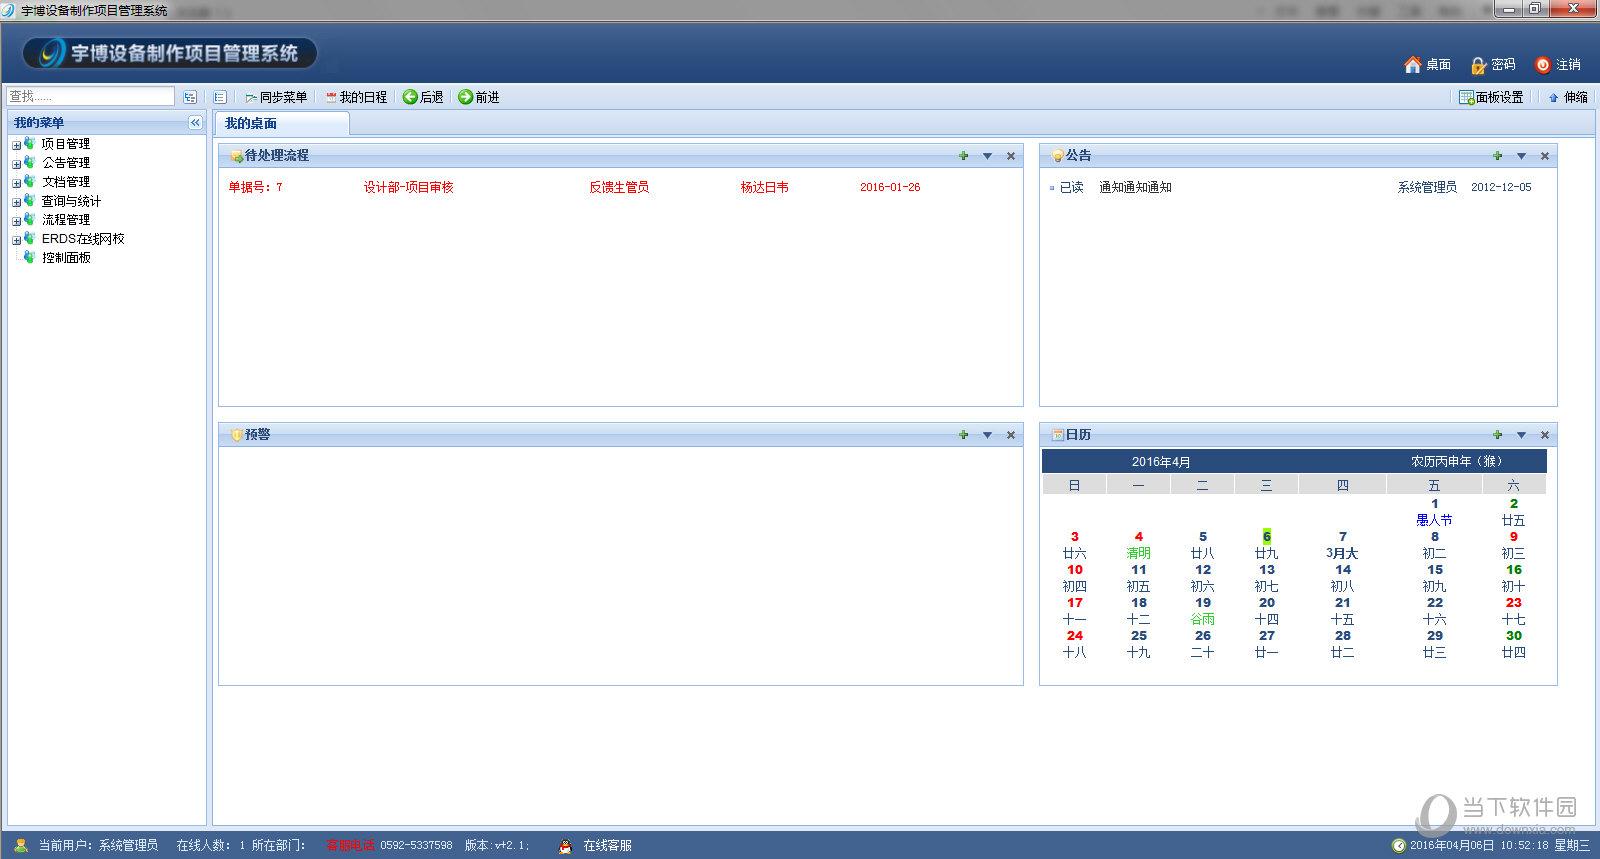 宇博设备制作项目管理系统